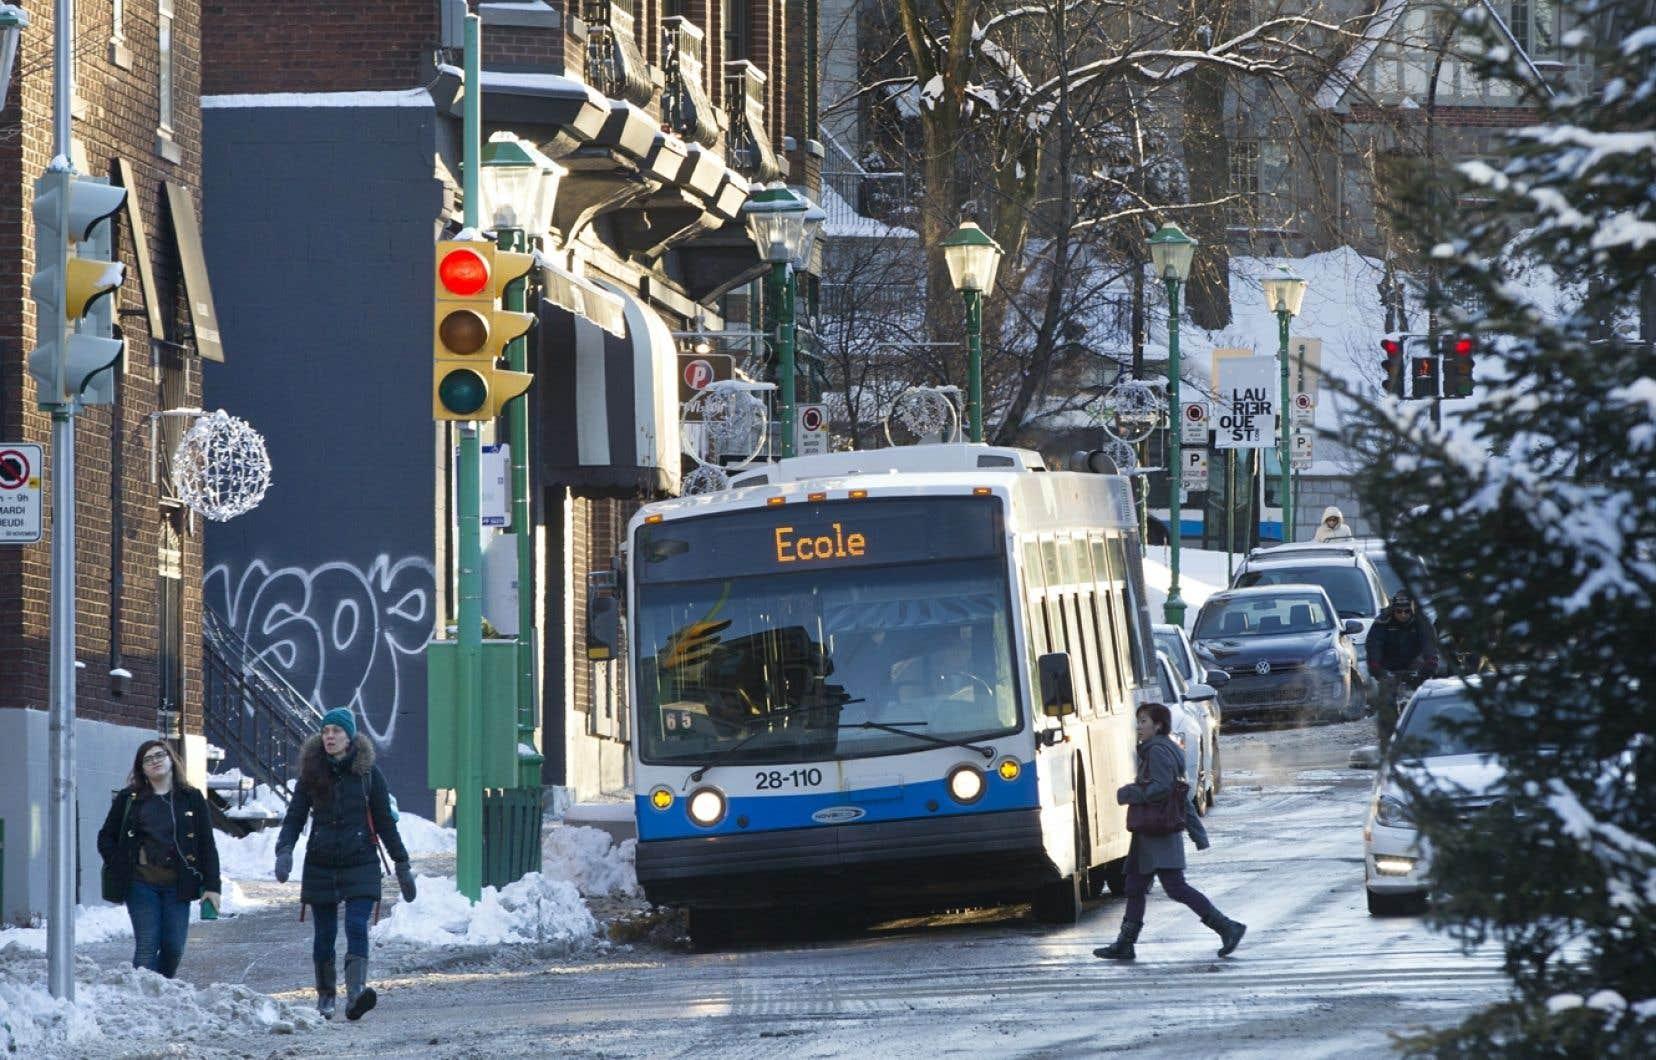 La Société des transports de Montréal (STM) s'illustre par l'imprécision de sa réponse aux questions du <em>Devoir</em>. Elle affirme traiter en moyenne 300 demandes d'accès à l'information par an.